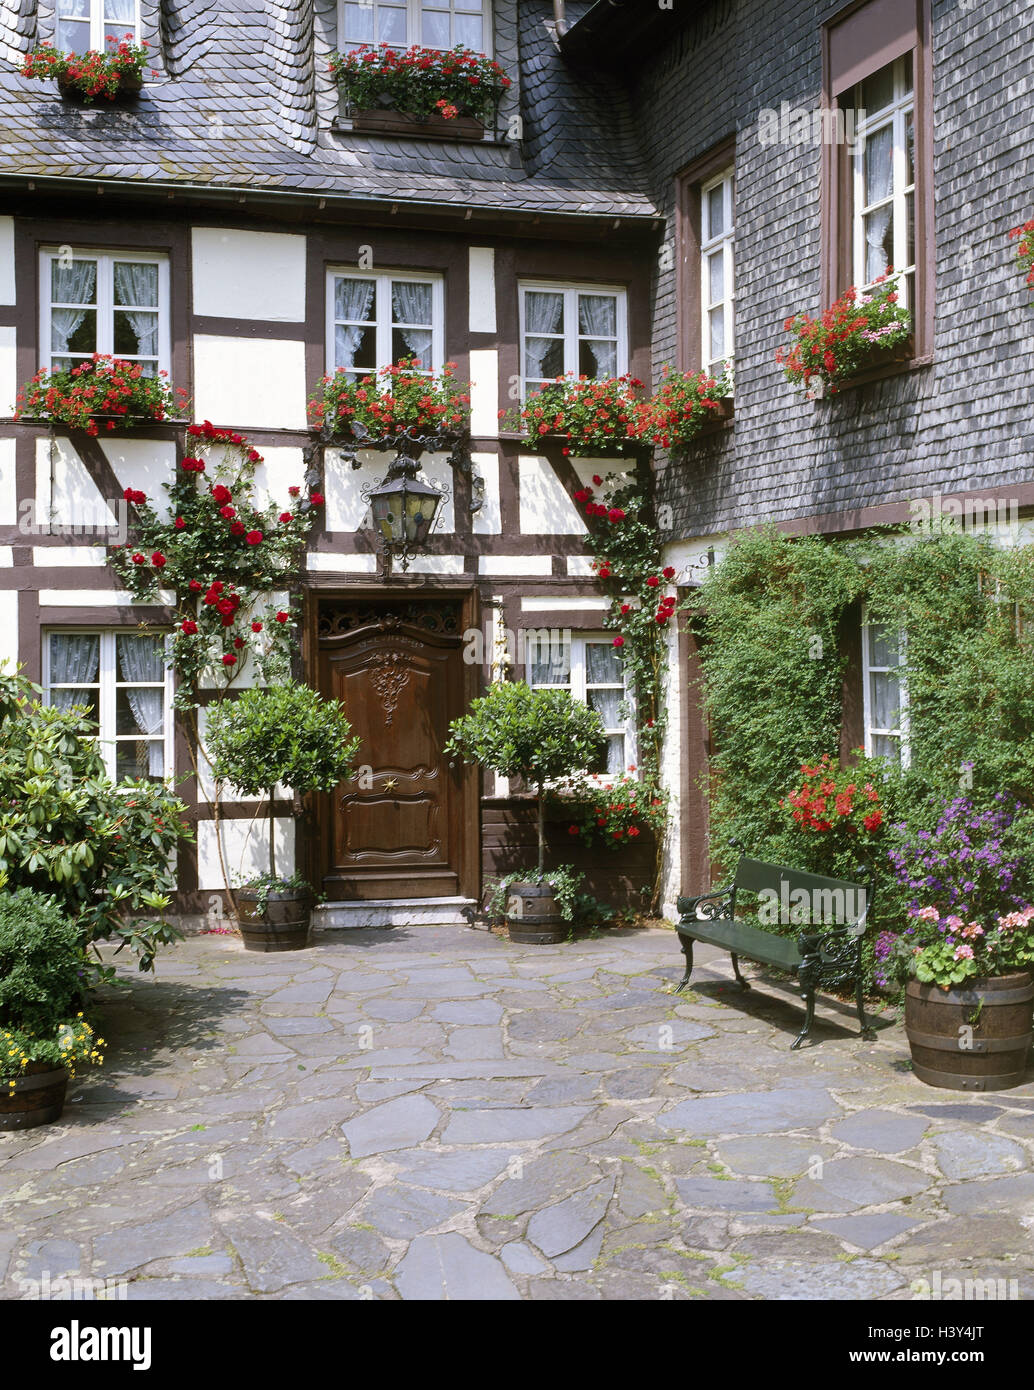 Sehr Fachwerkhaus, Fassade, Blumenschmuck, Innenhof, detail, Europa SZ55